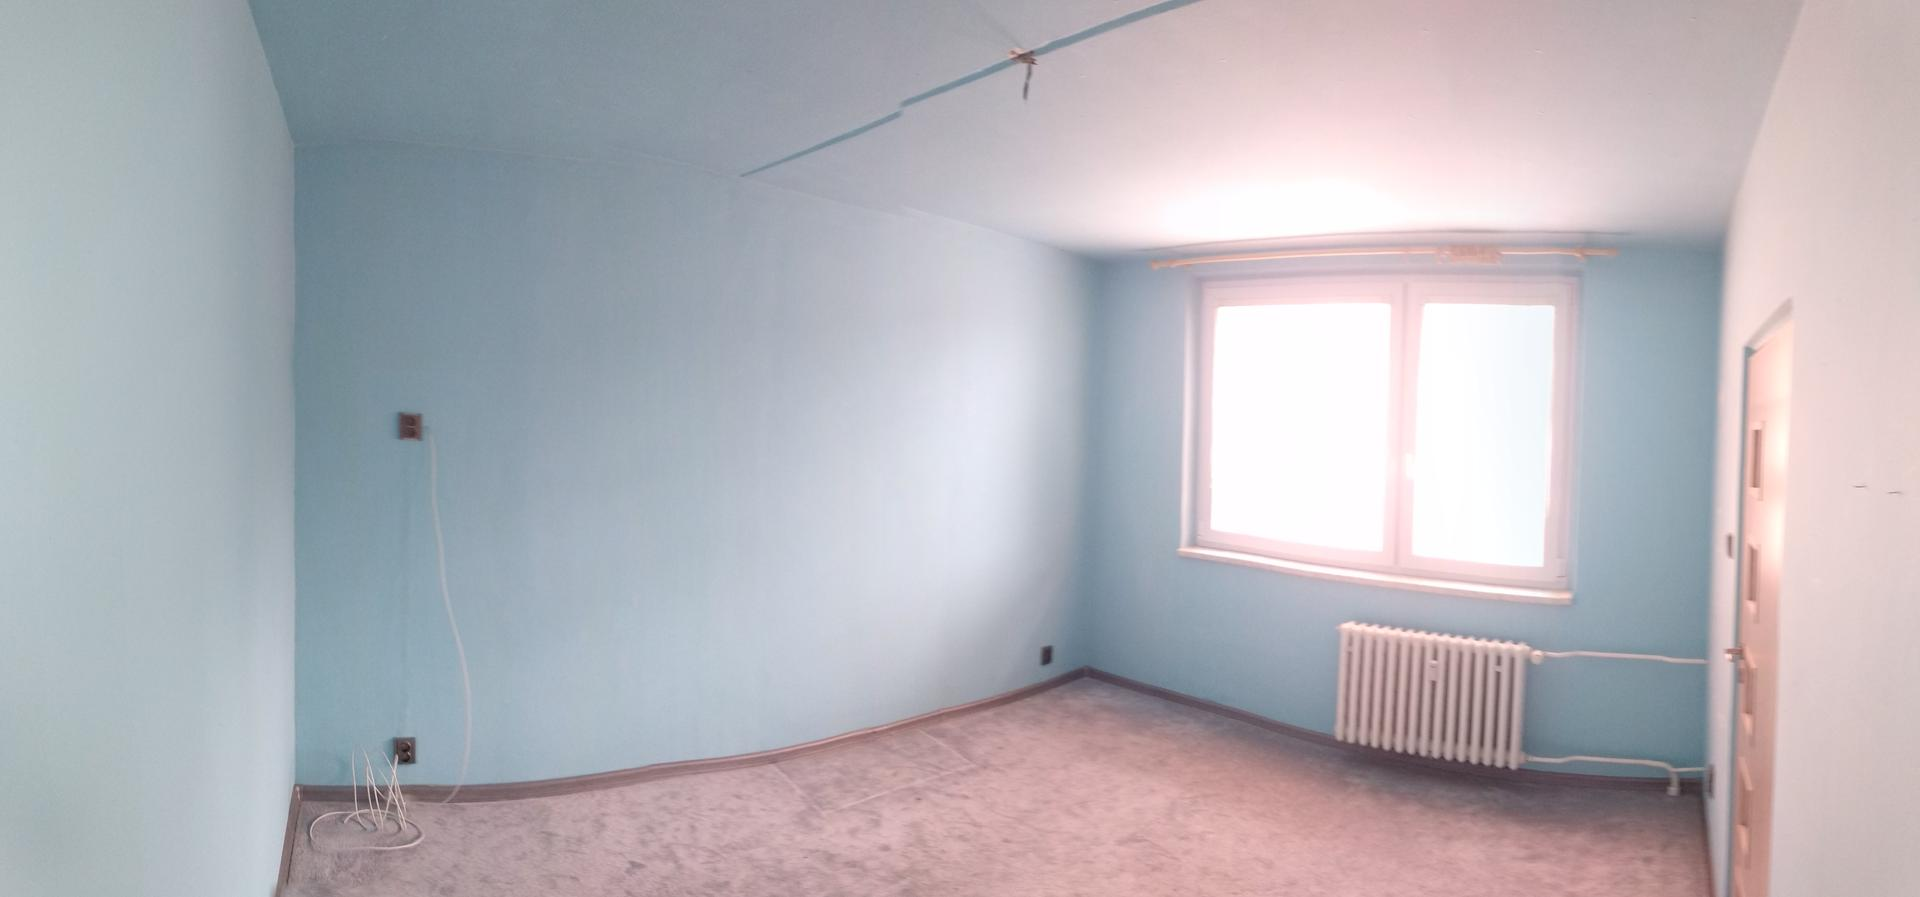 Náš první byt 3+1 do rozjezdu - Obrázek č. 14